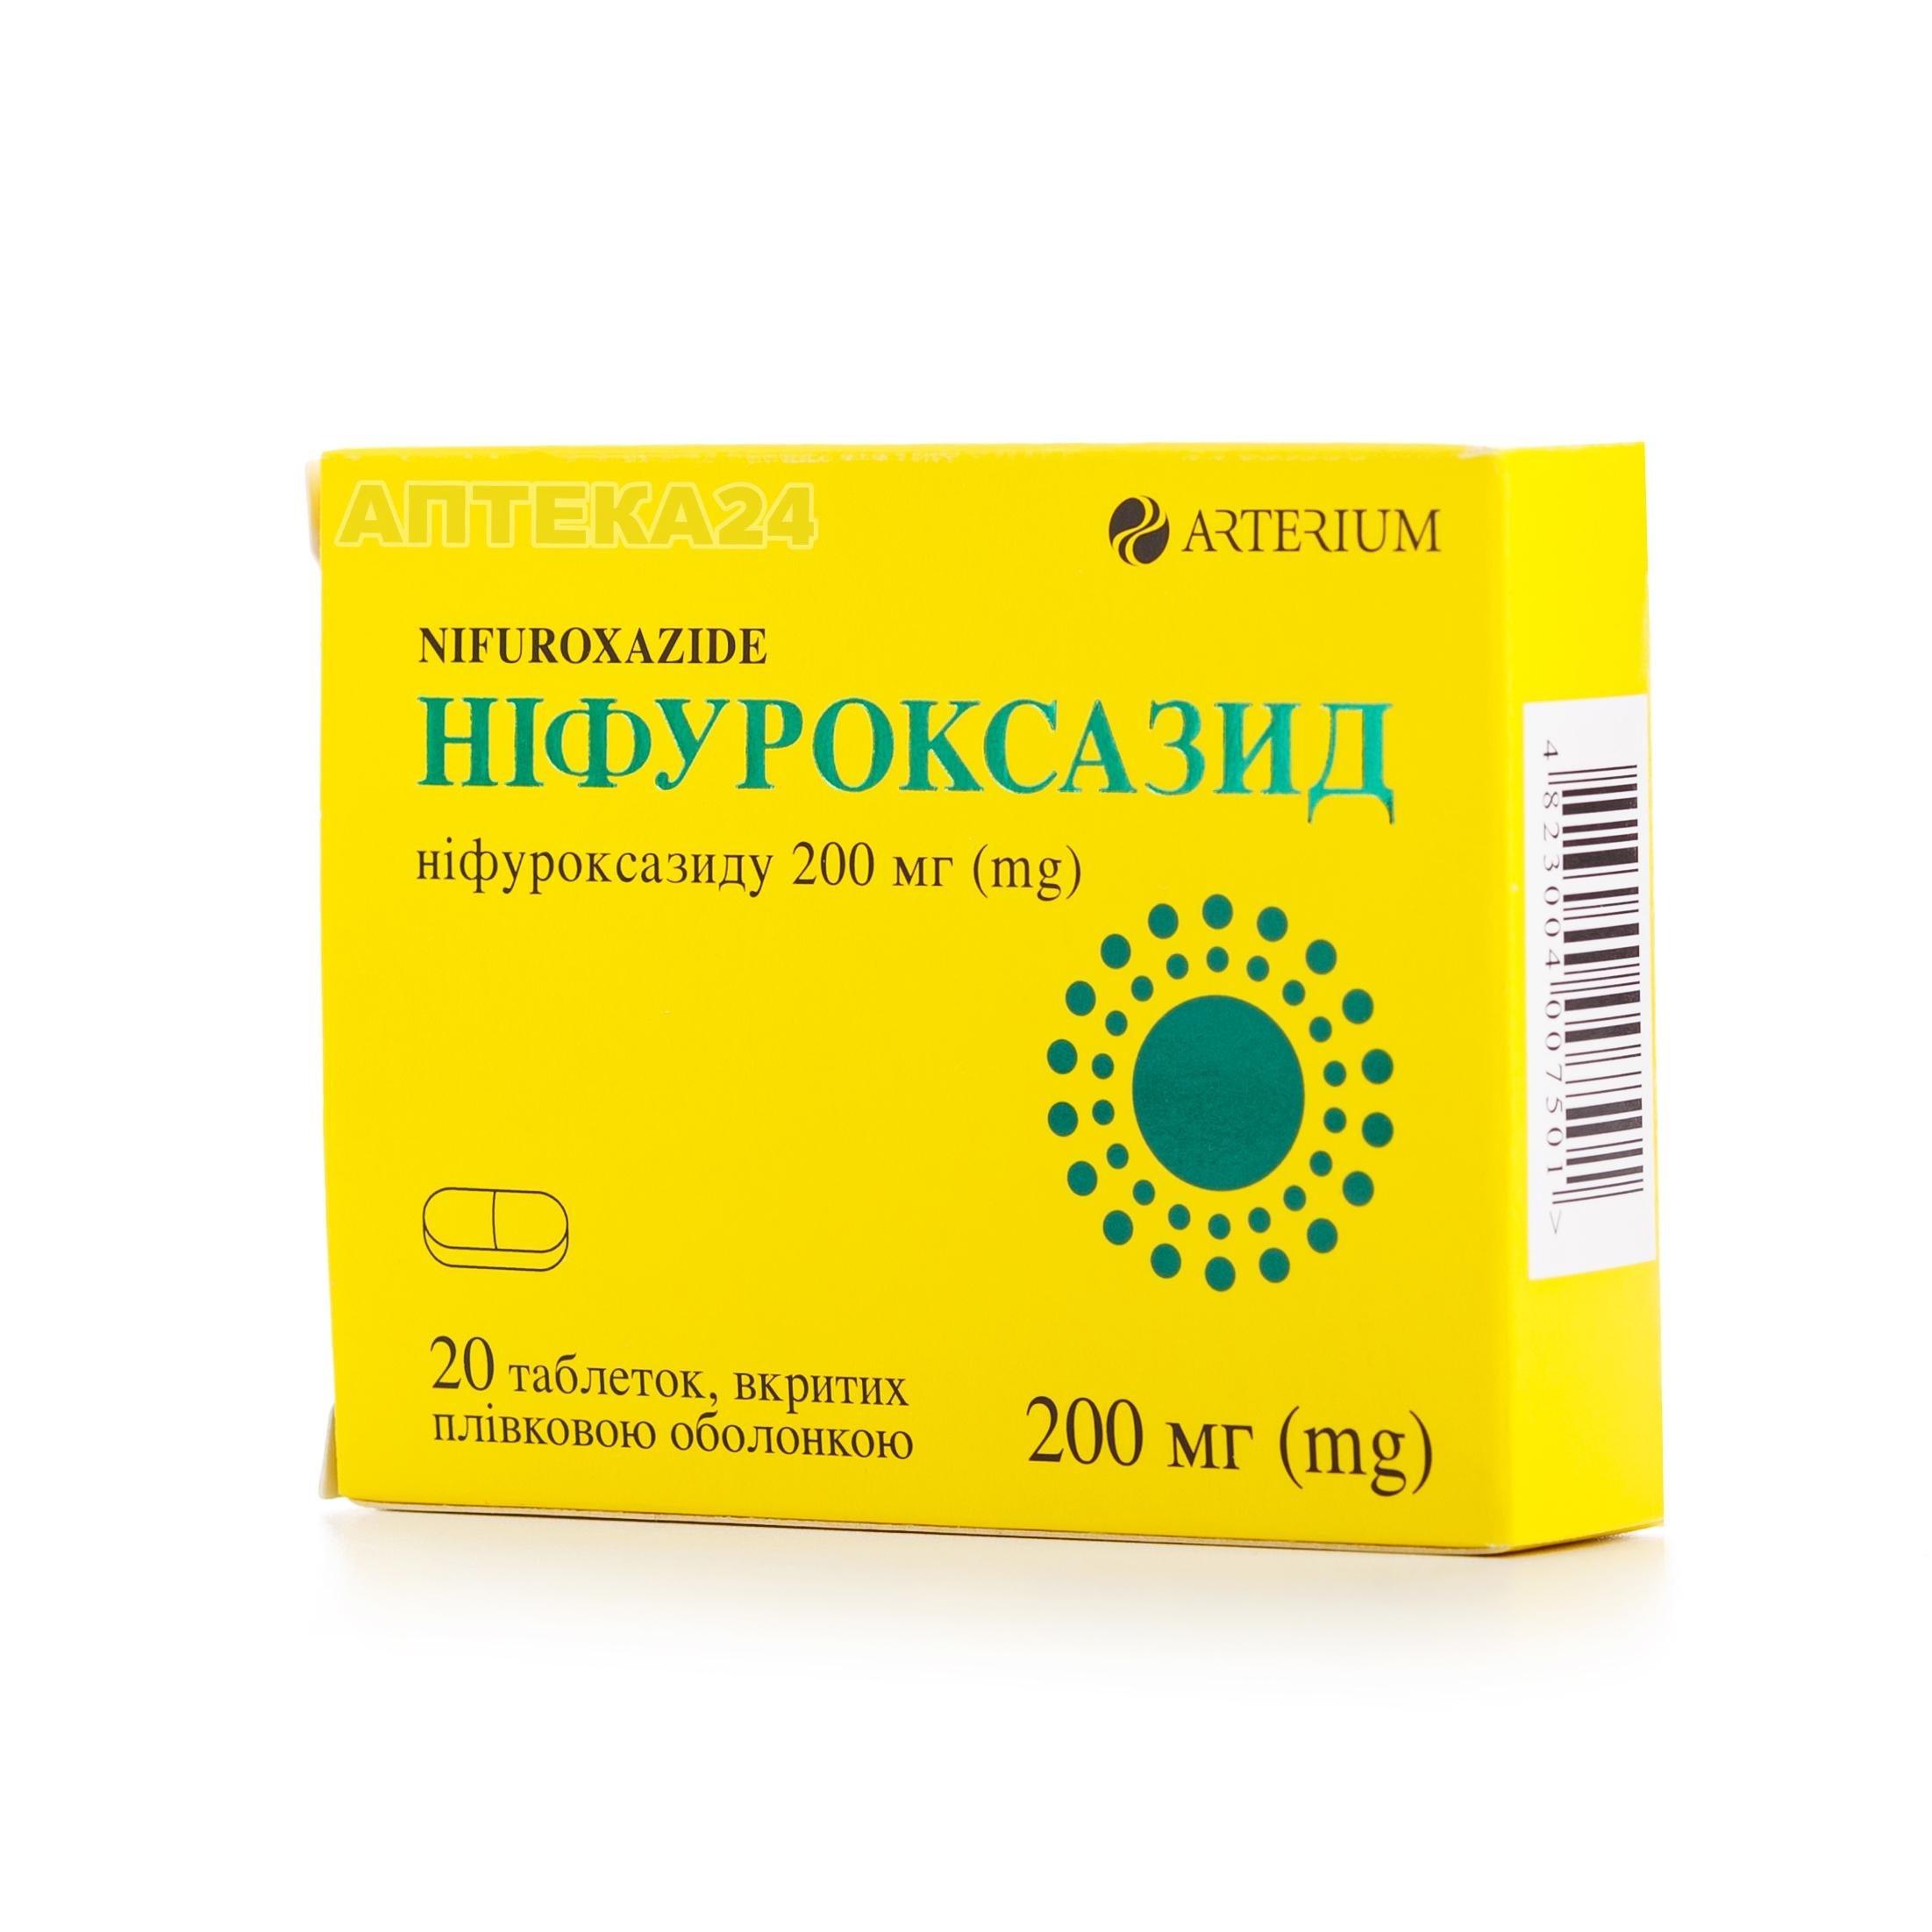 Нифуроксазид 200 мг N20 таблетки_60070c9b12714.jpeg